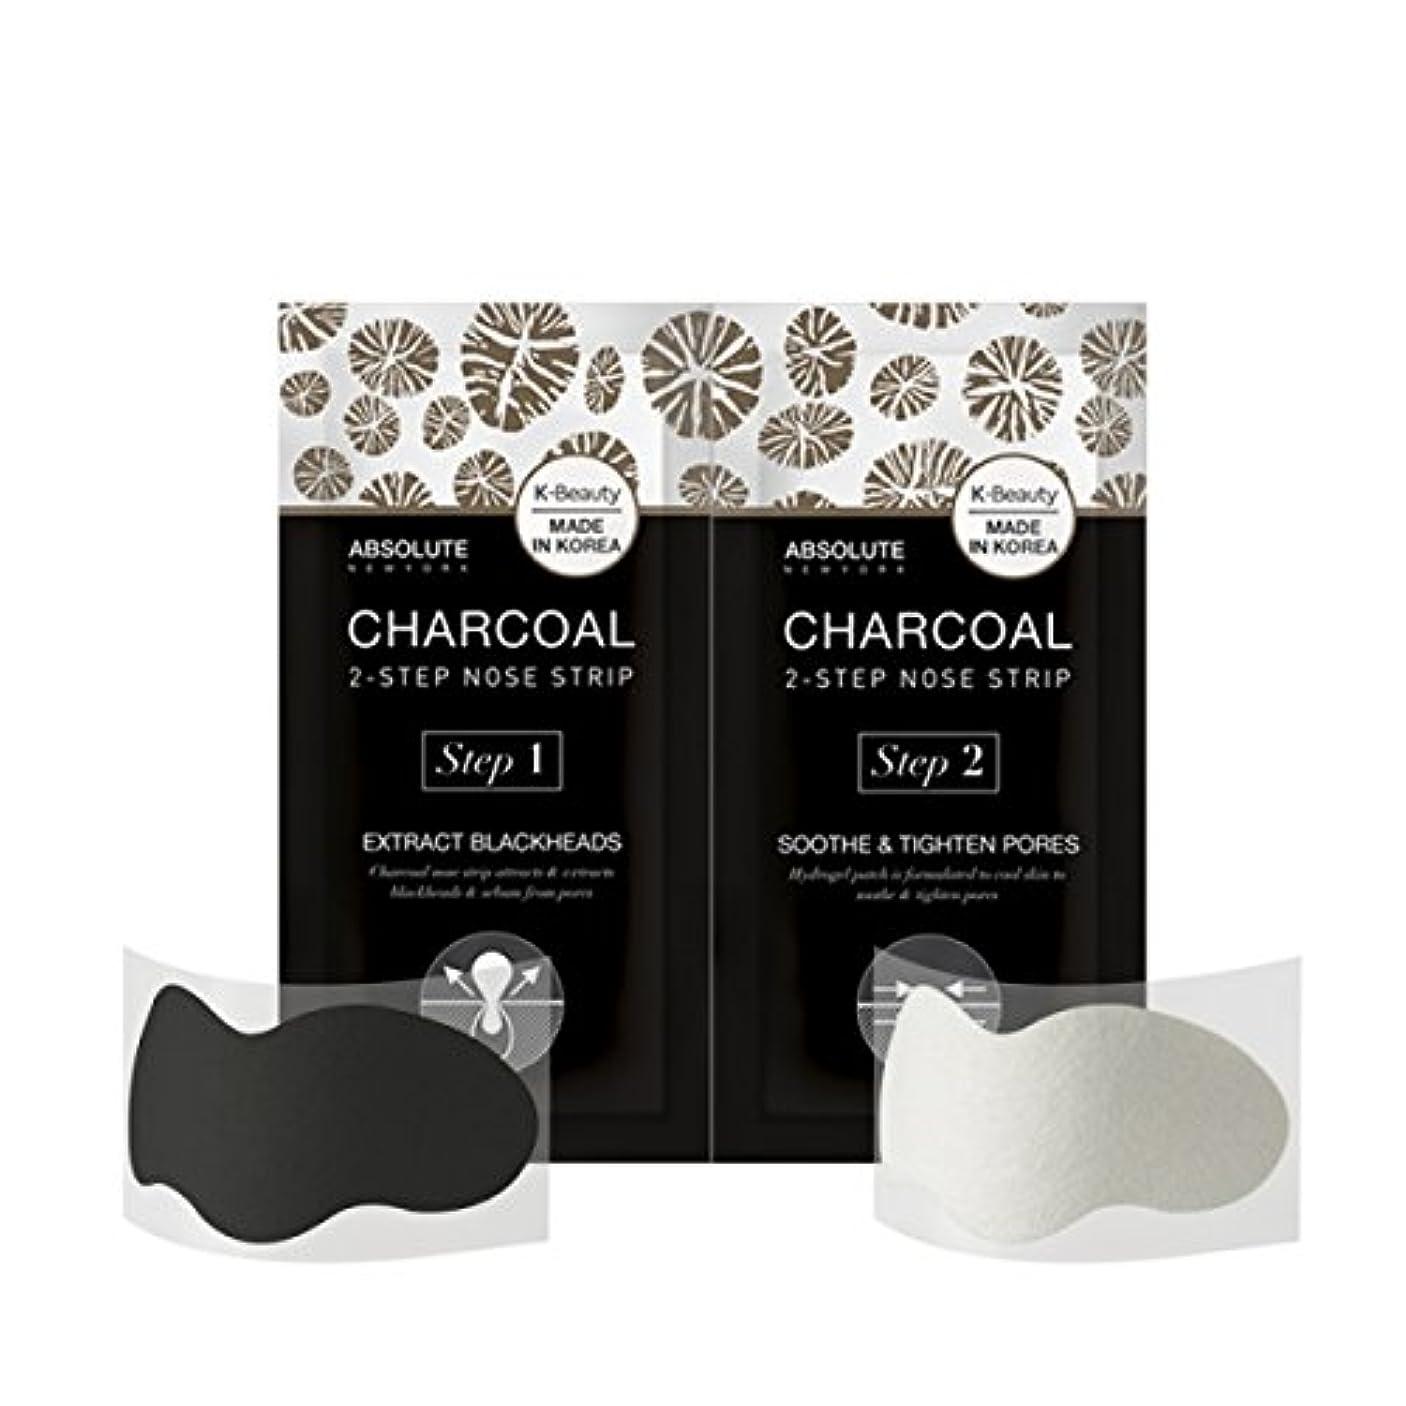 ウィスキーカヌーモジュール(3 Pack) ABSOLUTE Charcoal 2-Step Nose Strip (並行輸入品)